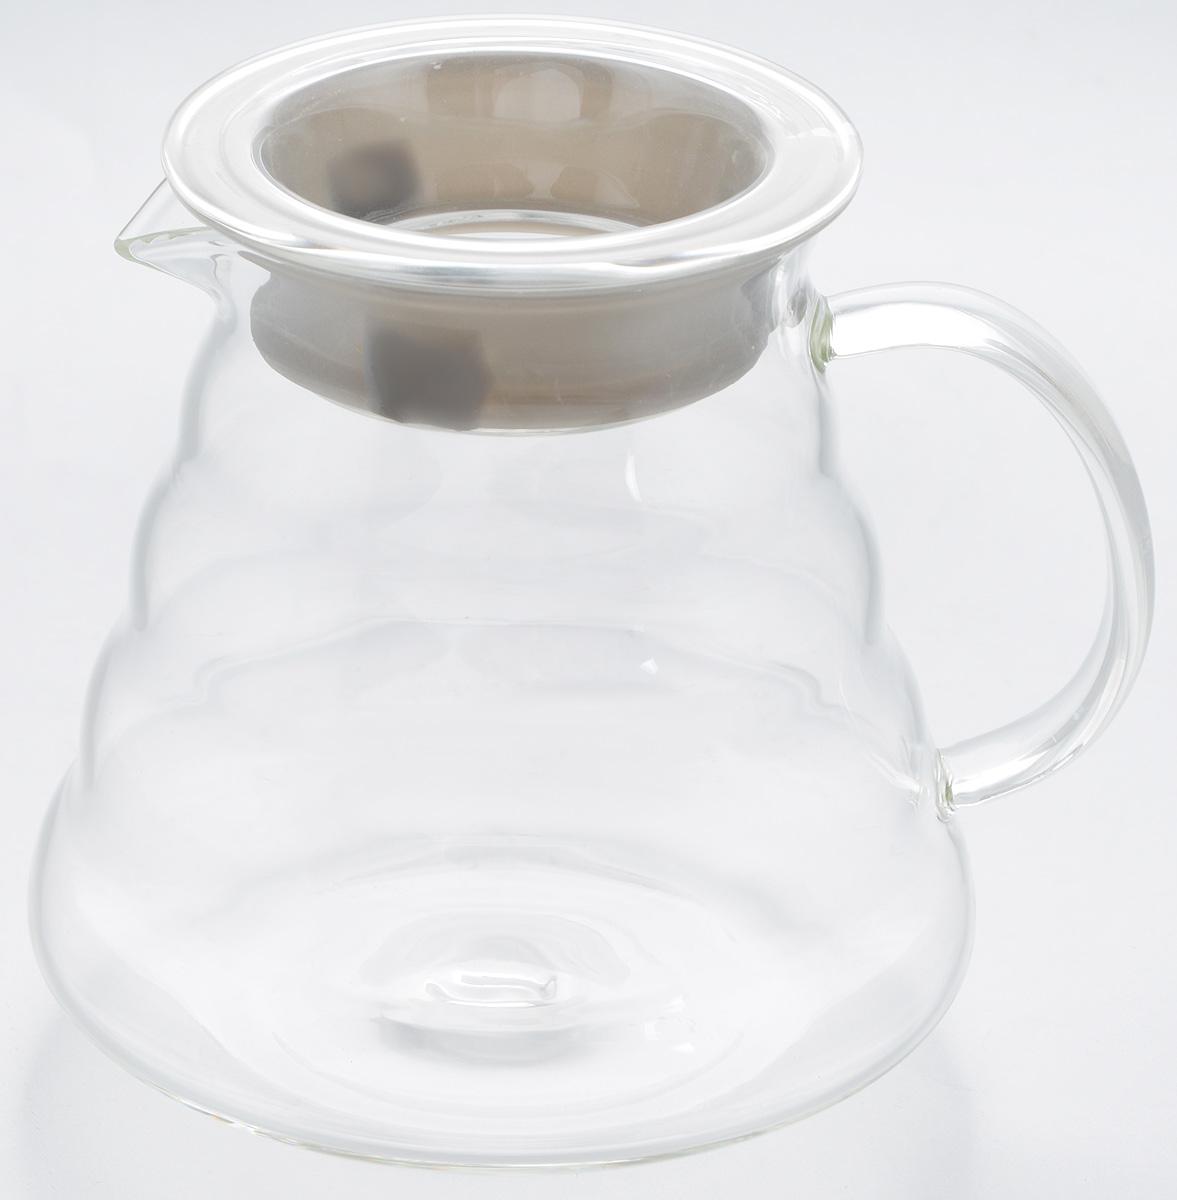 Чайник заварочный Hunan Provincial Тама, 500 мл4с209/яЗаварочный чайник Hunan Provincial Тама изготовлен из стекла. Пить чай из такого чайника сплошное удовольствие! Полностью прозрачная форма позволяет любоваться цветом своего любимого напитка. В этом чайнике не предусмотрена колба для заваривания чая. Крышка надежно крепится с помощью силиконовой вставки, и не может выпасть даже если чайник перевернуть кверху дном. Именно поэтому данный чайник является лучшей сервировочной посудой для связанного чая и фруктово-ягодных настоев.Диаметр чайника (по верхнему краю): 7,5 см. Высота чайника (без учета крышки): 11 см. Высота чайника (с учетом крышки): 11,5 см.